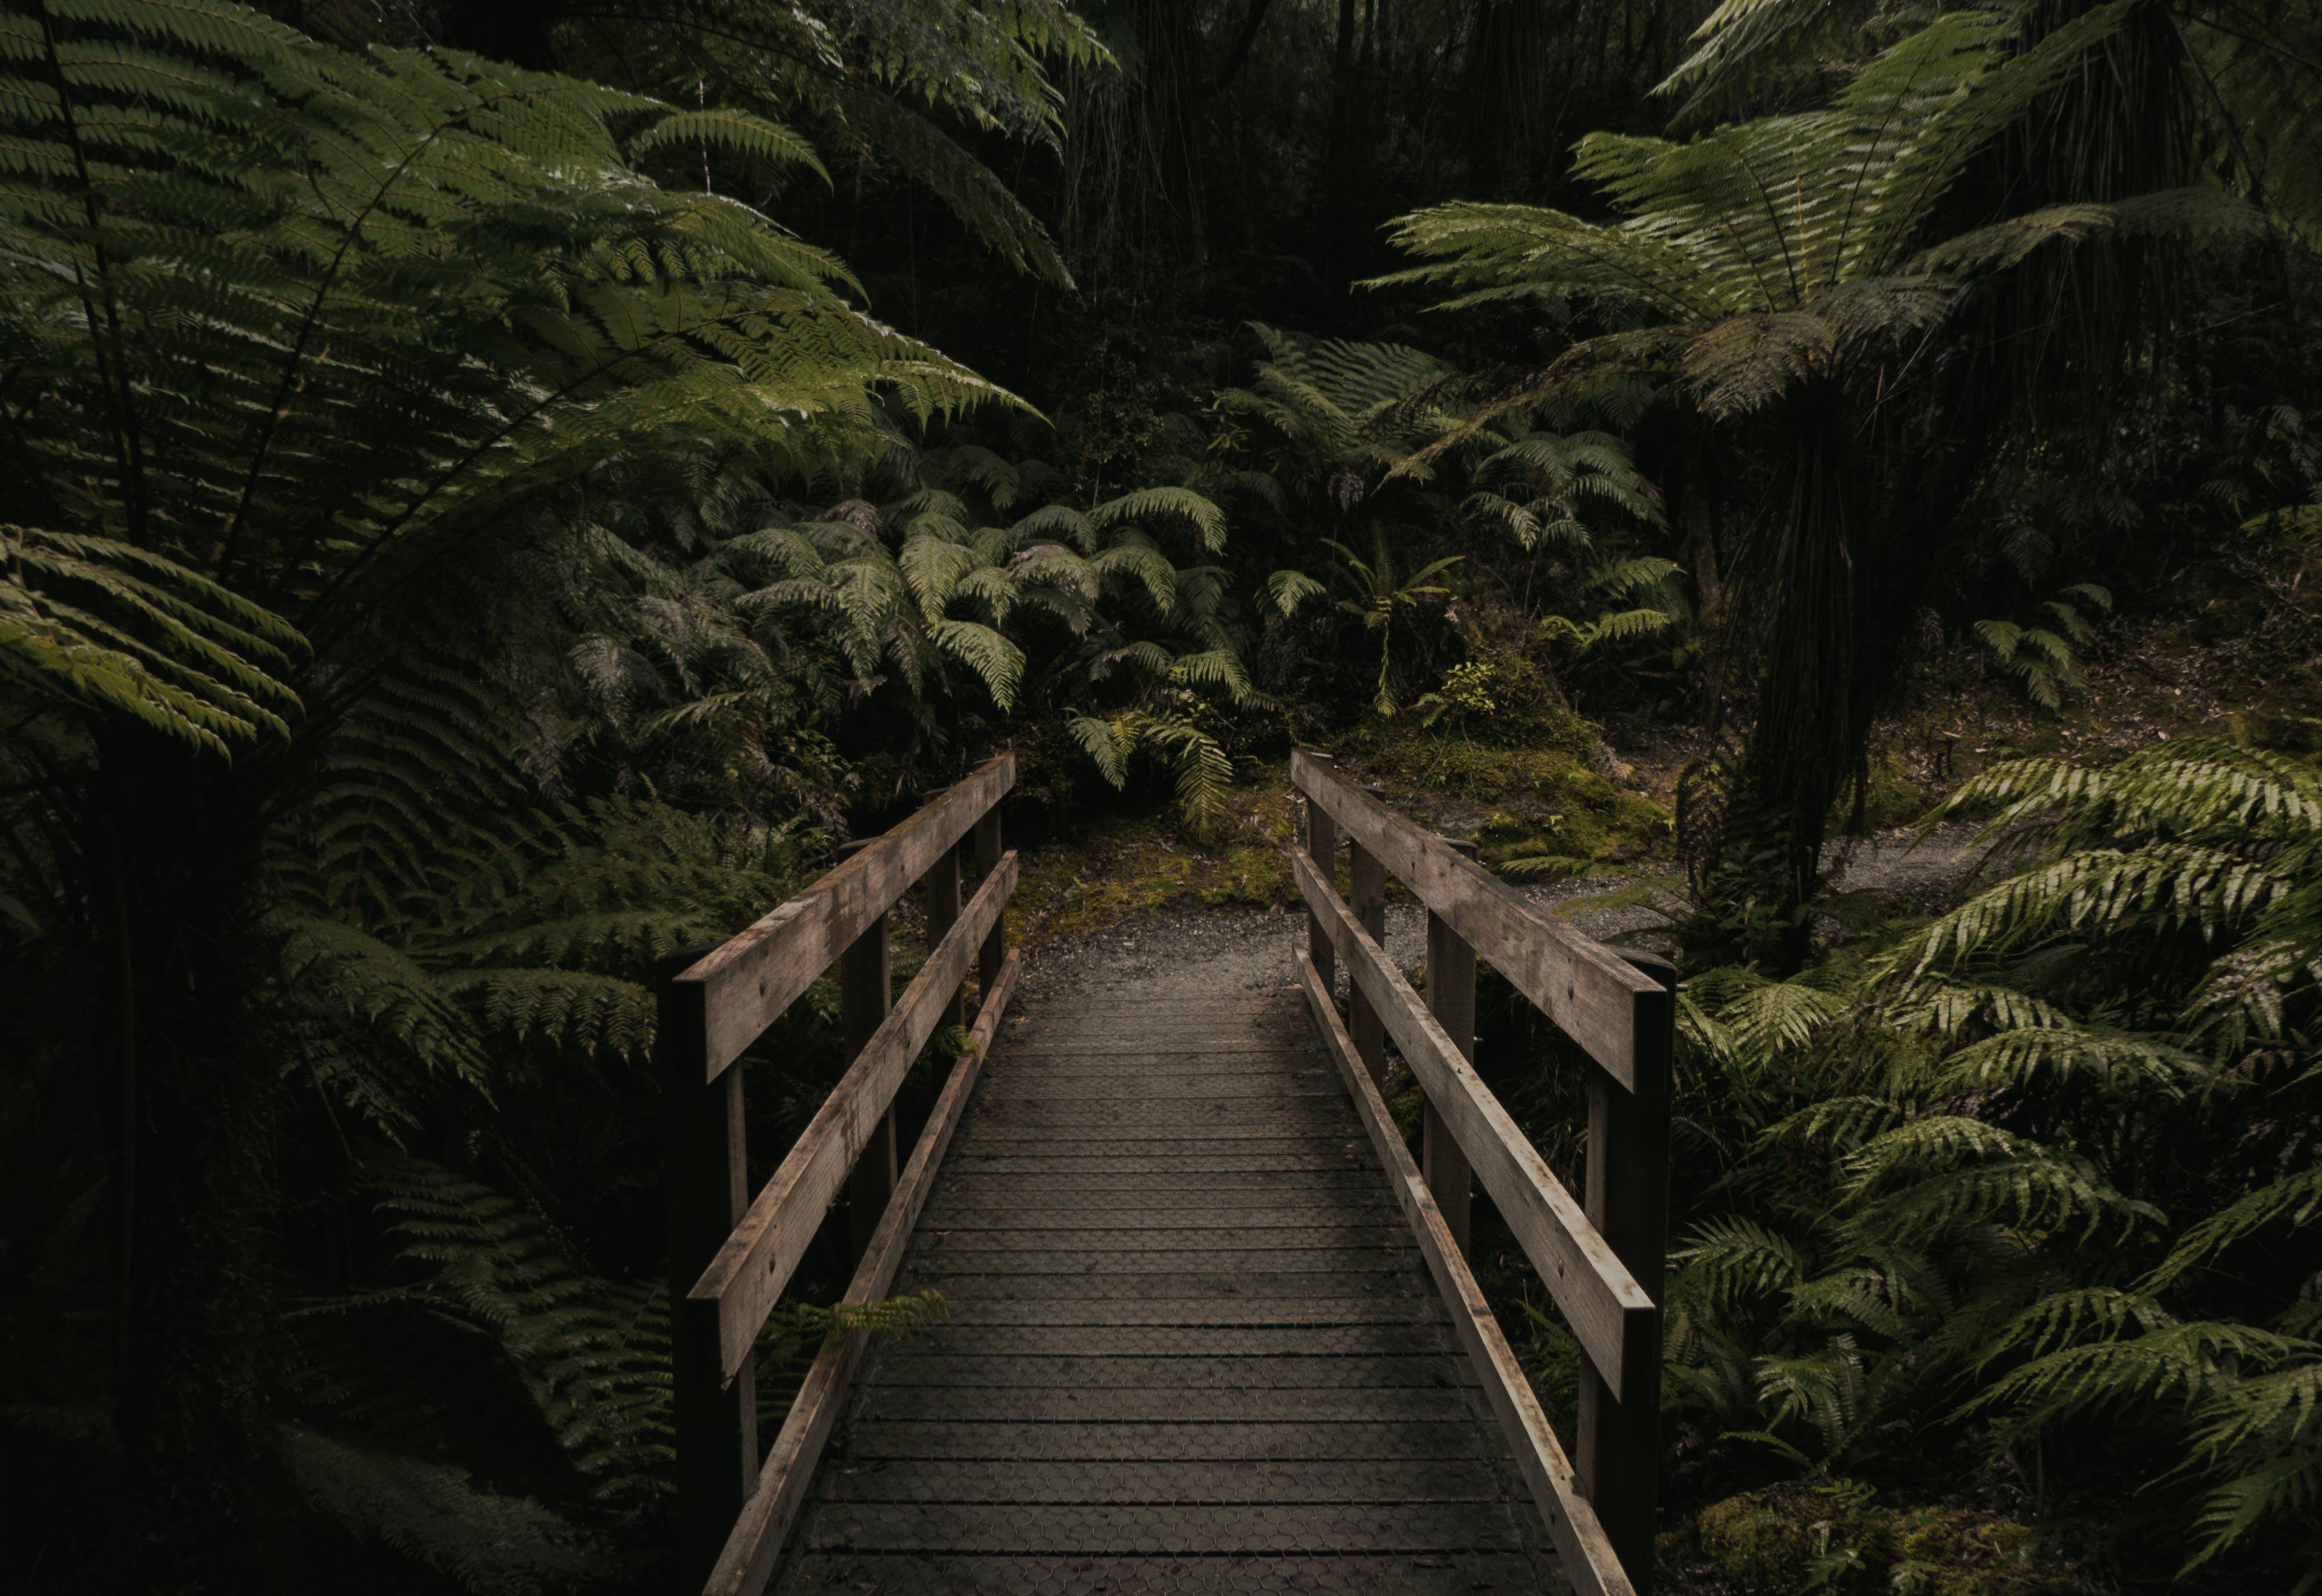 Brown Wooden Bridge Near Forest